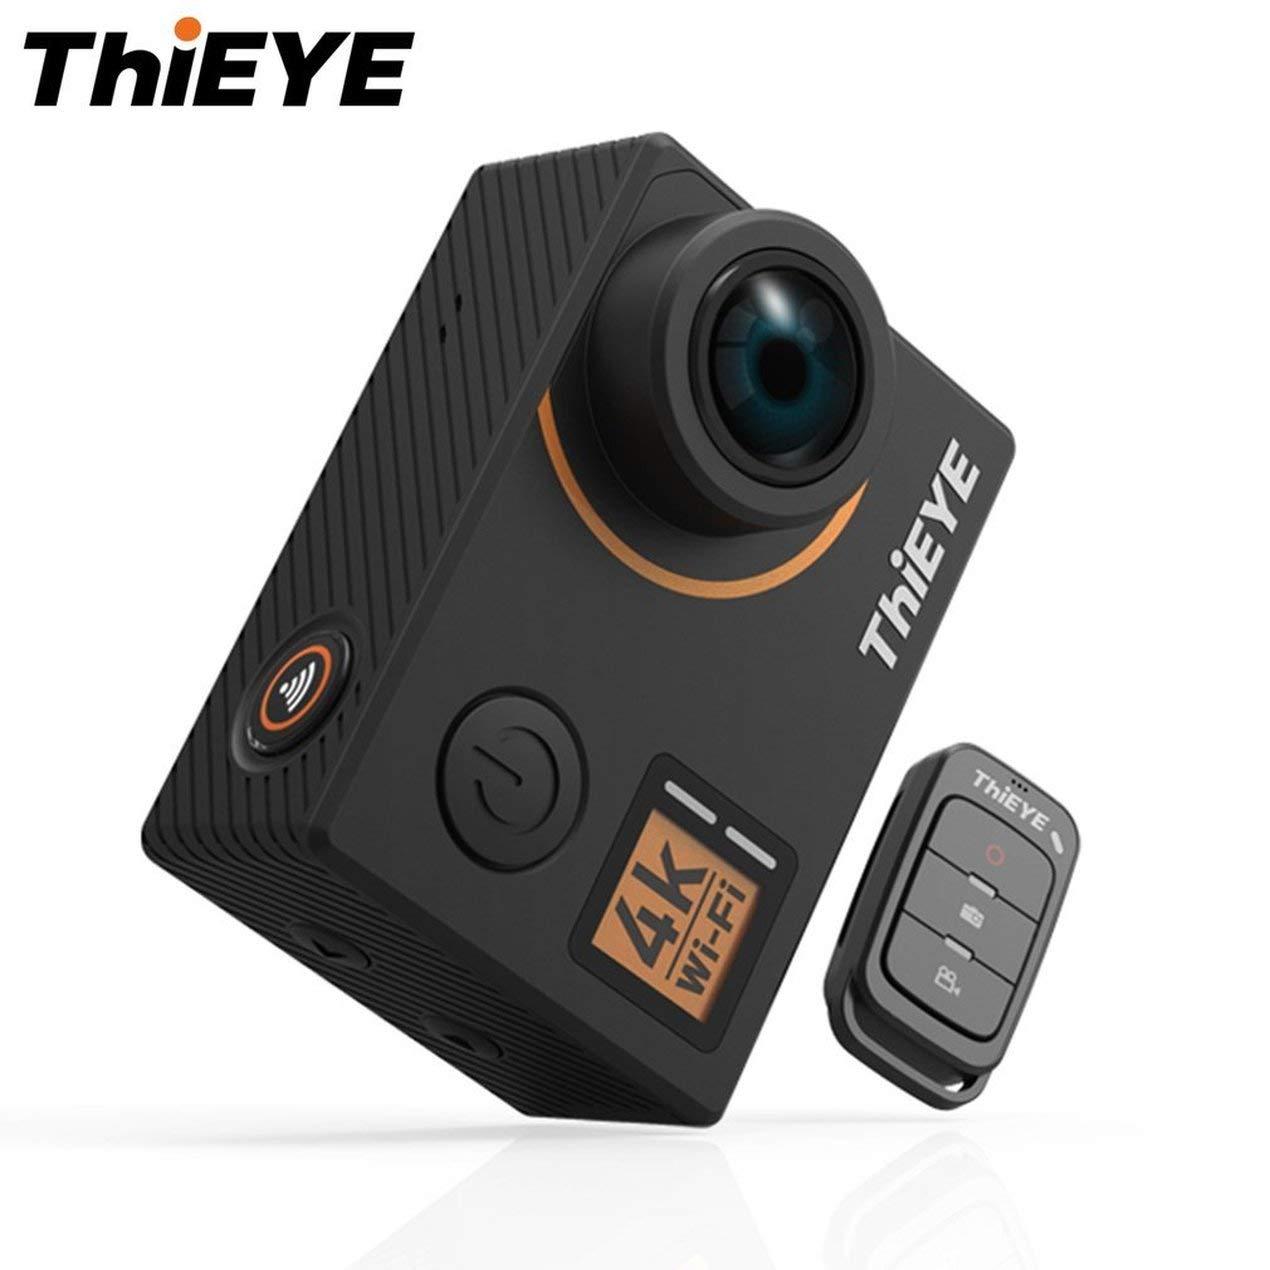 """Dooret ThiEYE T5 Edge 4K-WiFi-Action-Kamera 170 ° Weitwinkelobjektiv 2""""LCD Cam 1080P HD Sportkamera Unterstützung Sprachfernbedienung"""